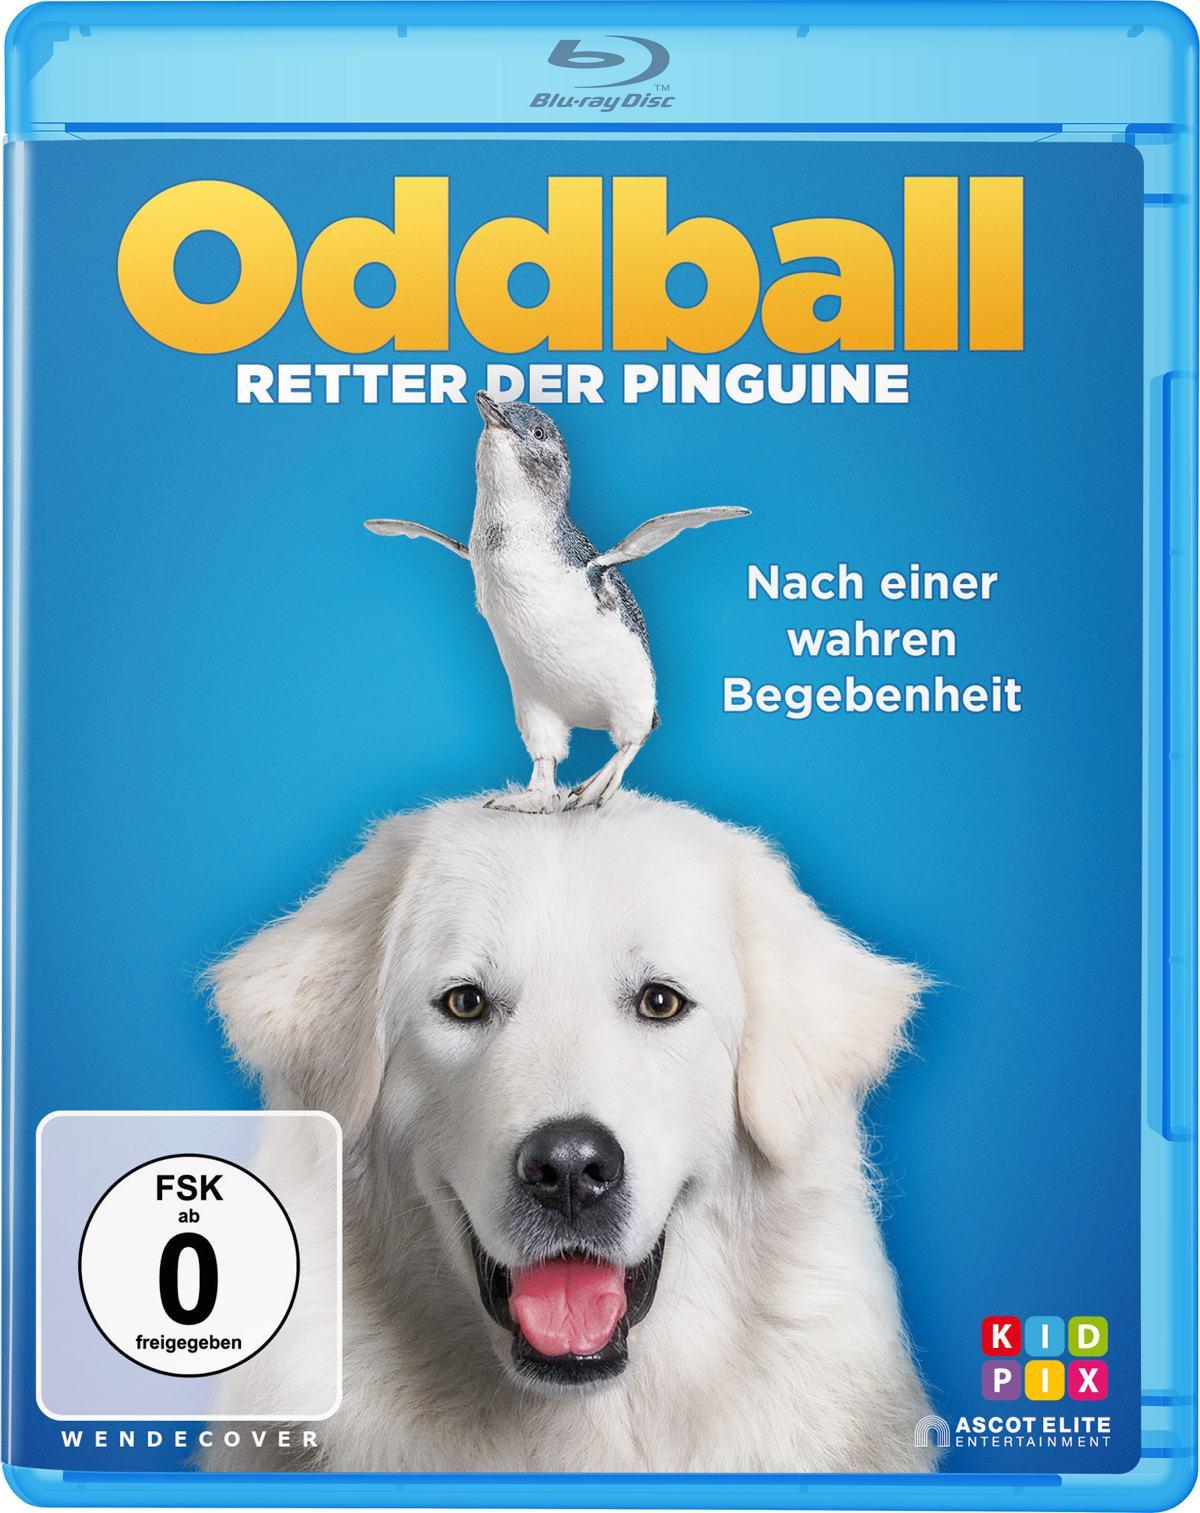 Oddball – Retter der Pinguine